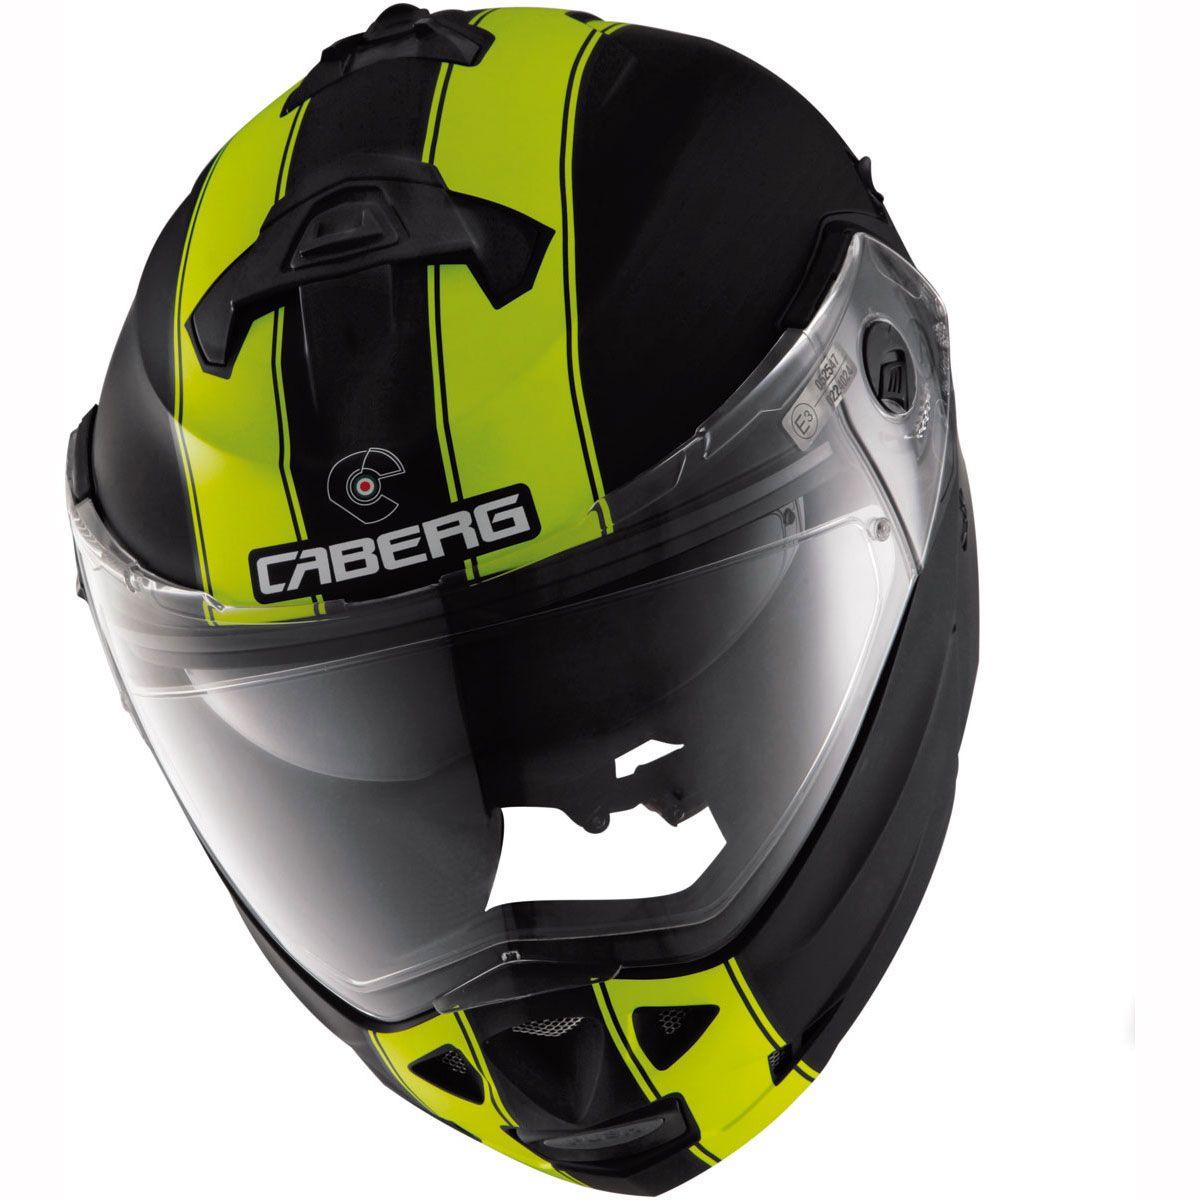 Caberg Helmet Duke Legend - Black Yellow